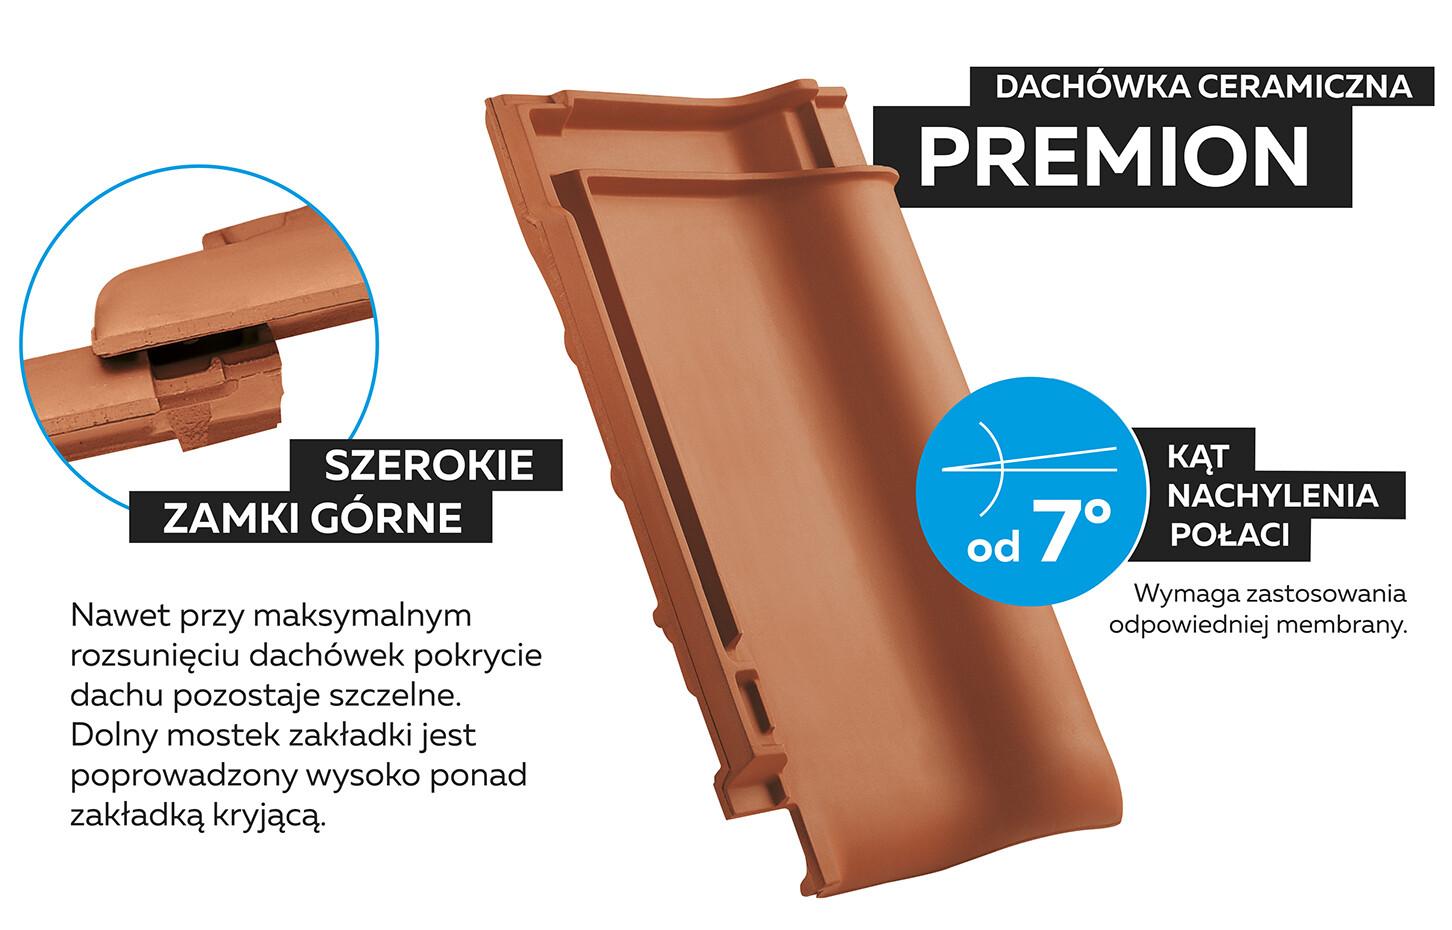 Dachówki ceramiczne na dachy o nachyleniu połaci od 7° -  rys. 2